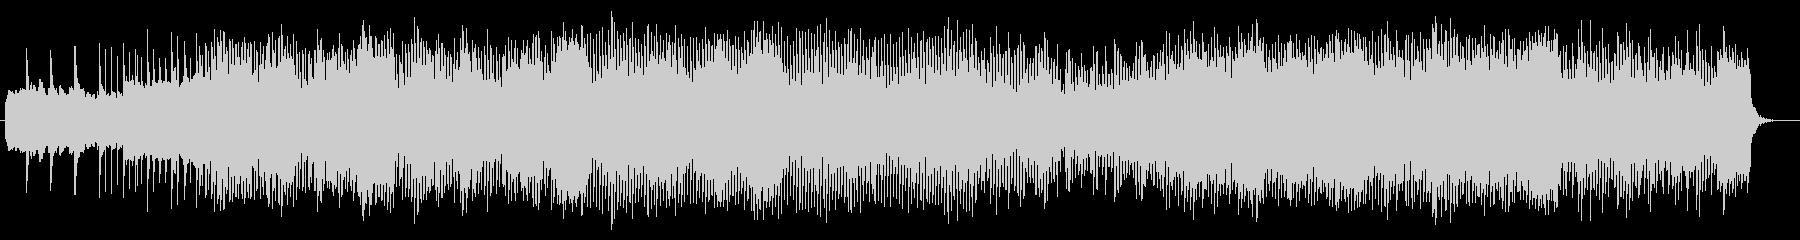 緩やかで繊細なシンセサウンドの未再生の波形